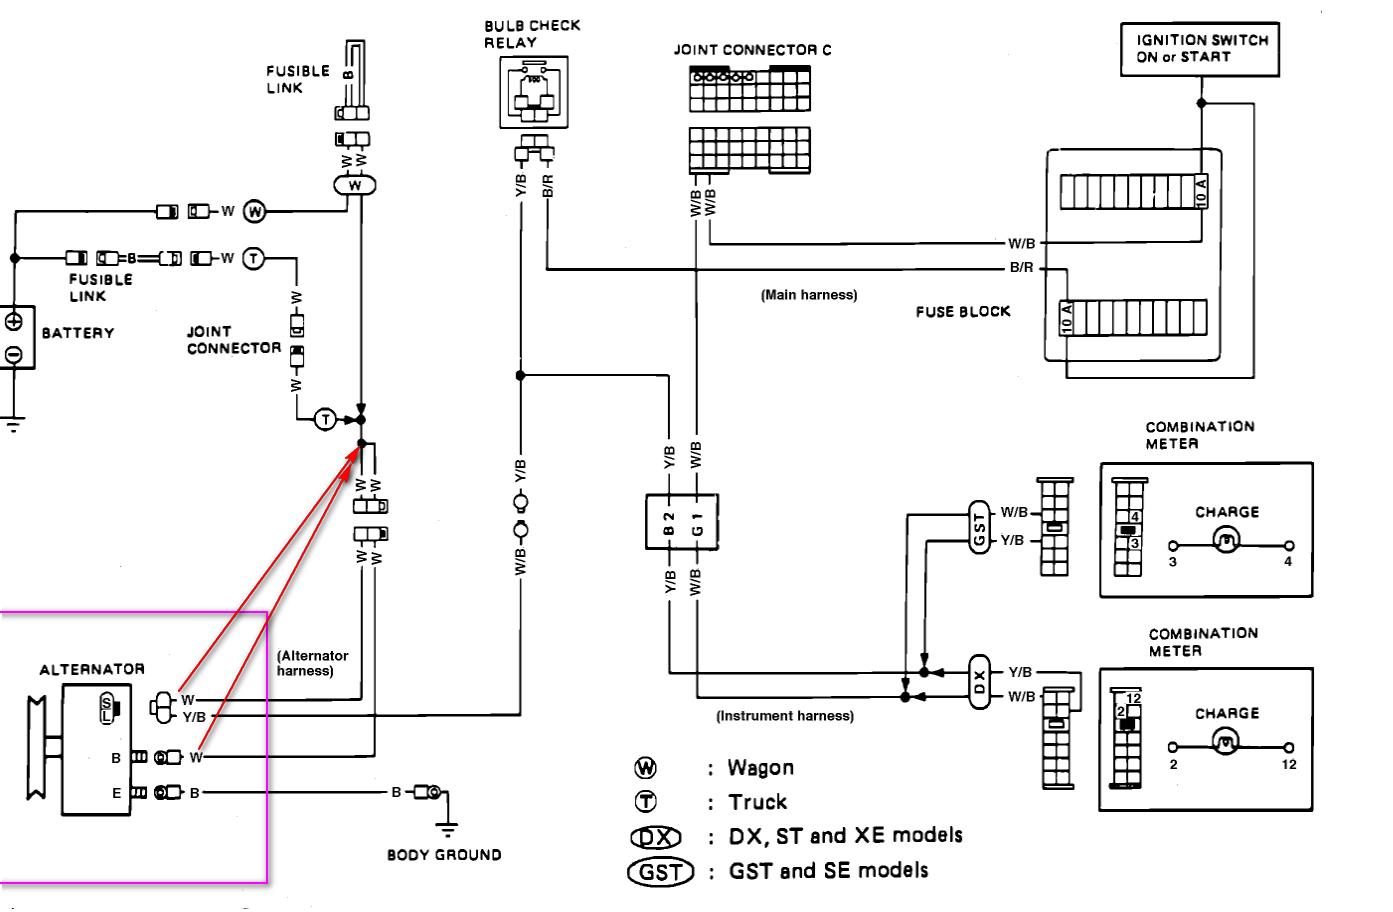 804f2b13-a009-42c9-abac-2181674653e4_alt.png